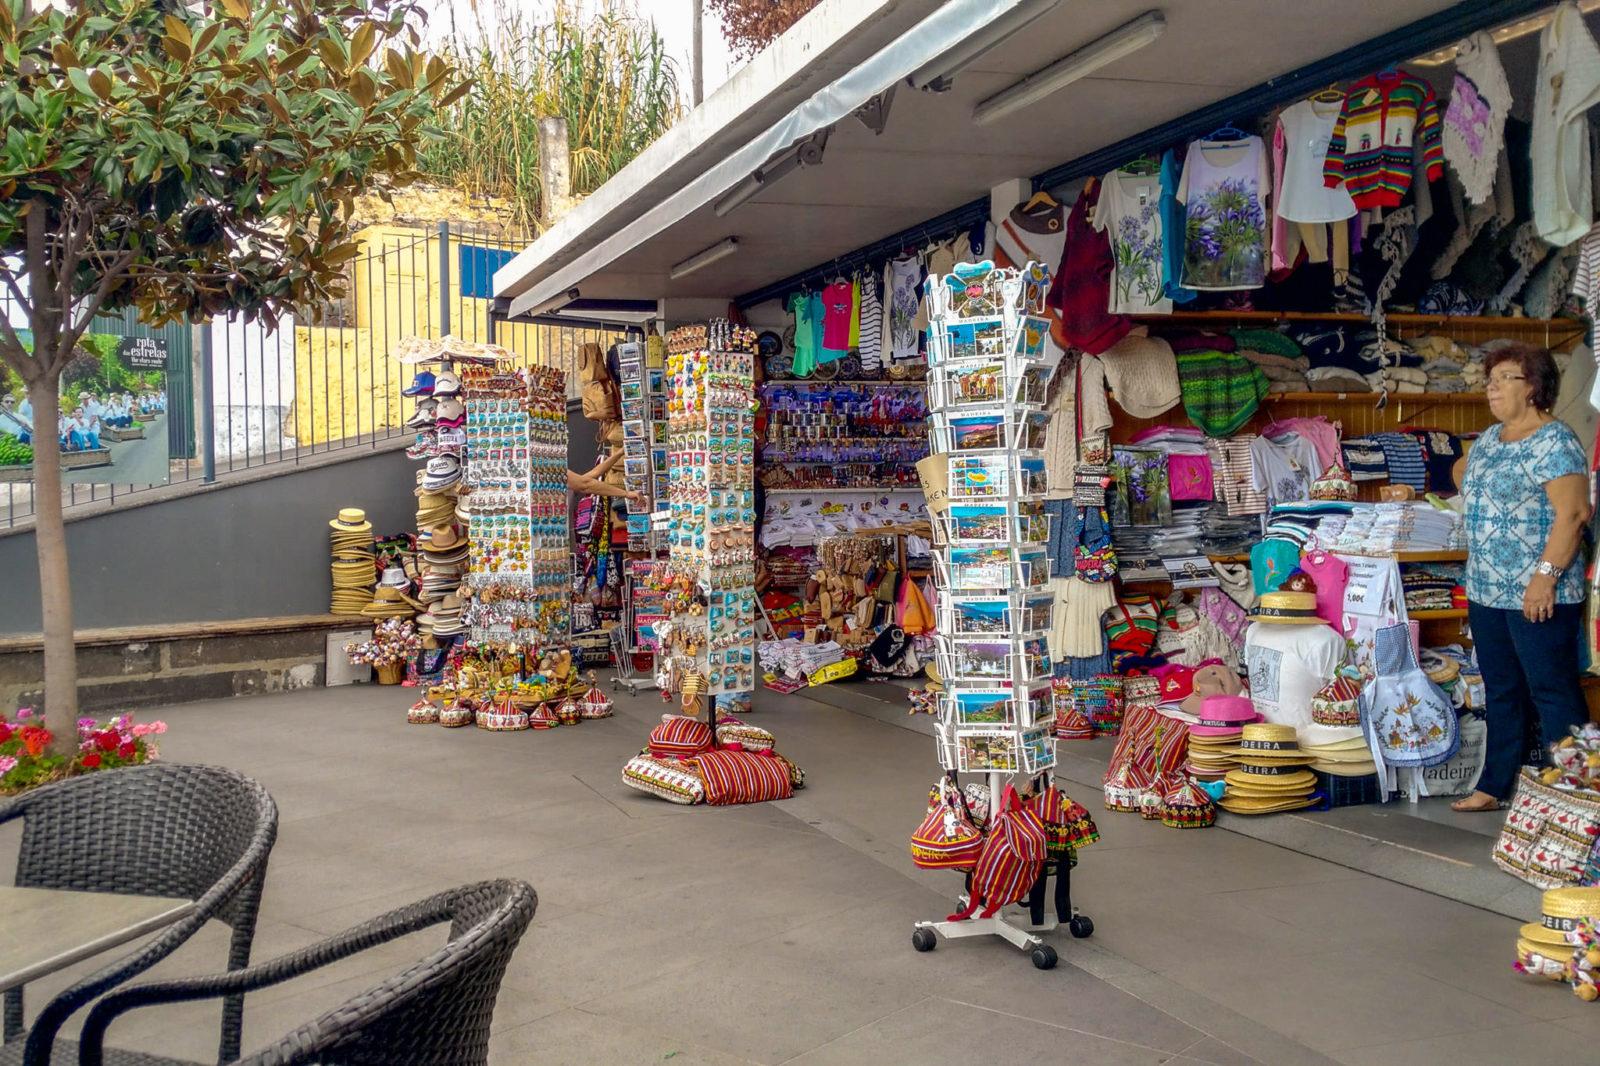 Сувенирный магазинчик в Livramento (фото: Wilfried Gunkel)